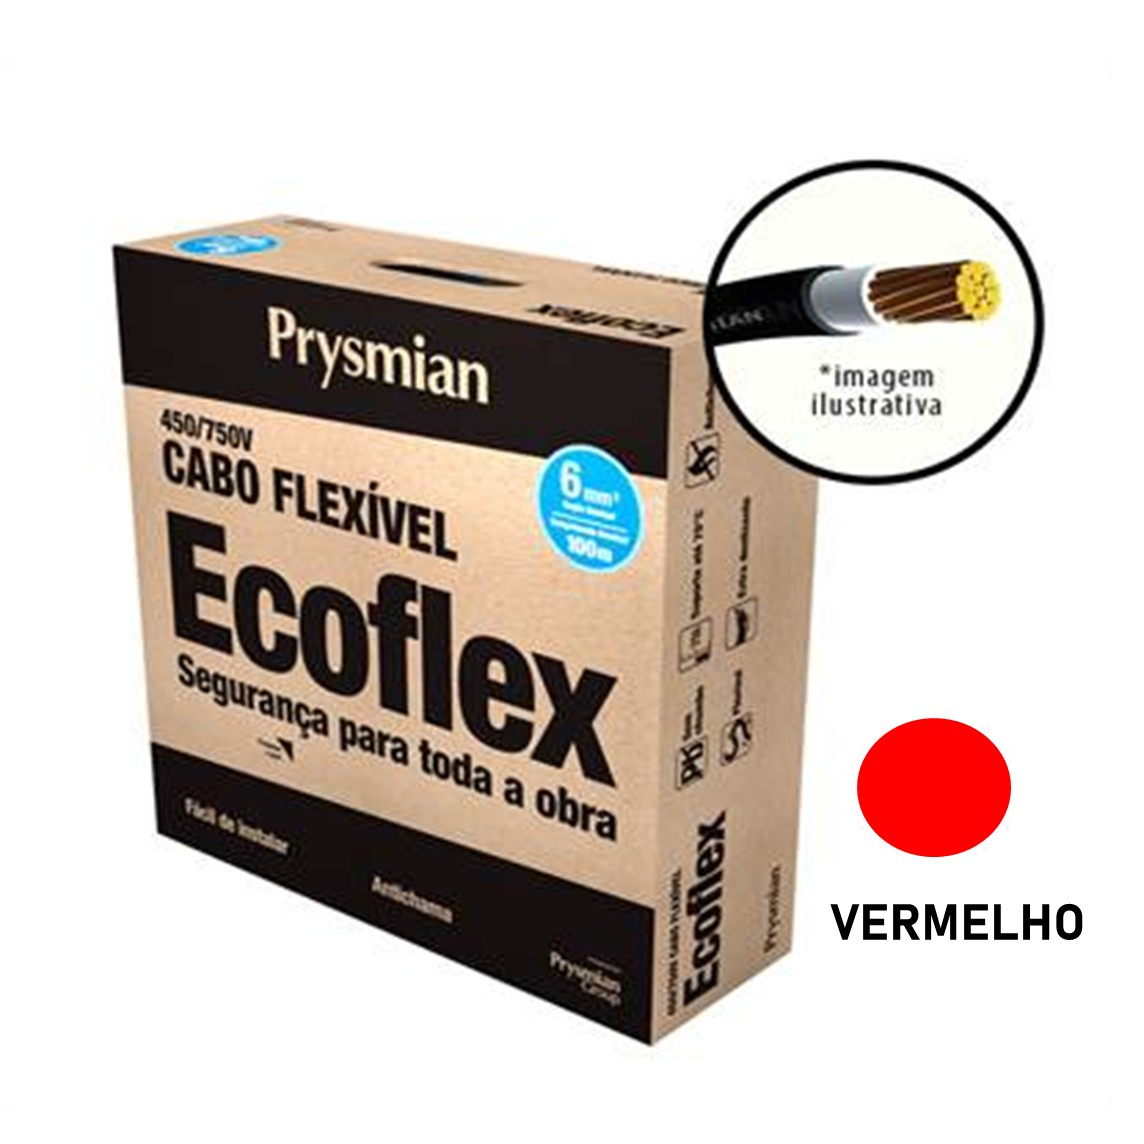 Cabo Flexivel Antichamas Ecoflex 600 mm 100 m 750V 1 Condutor Vermelho - Prysmian